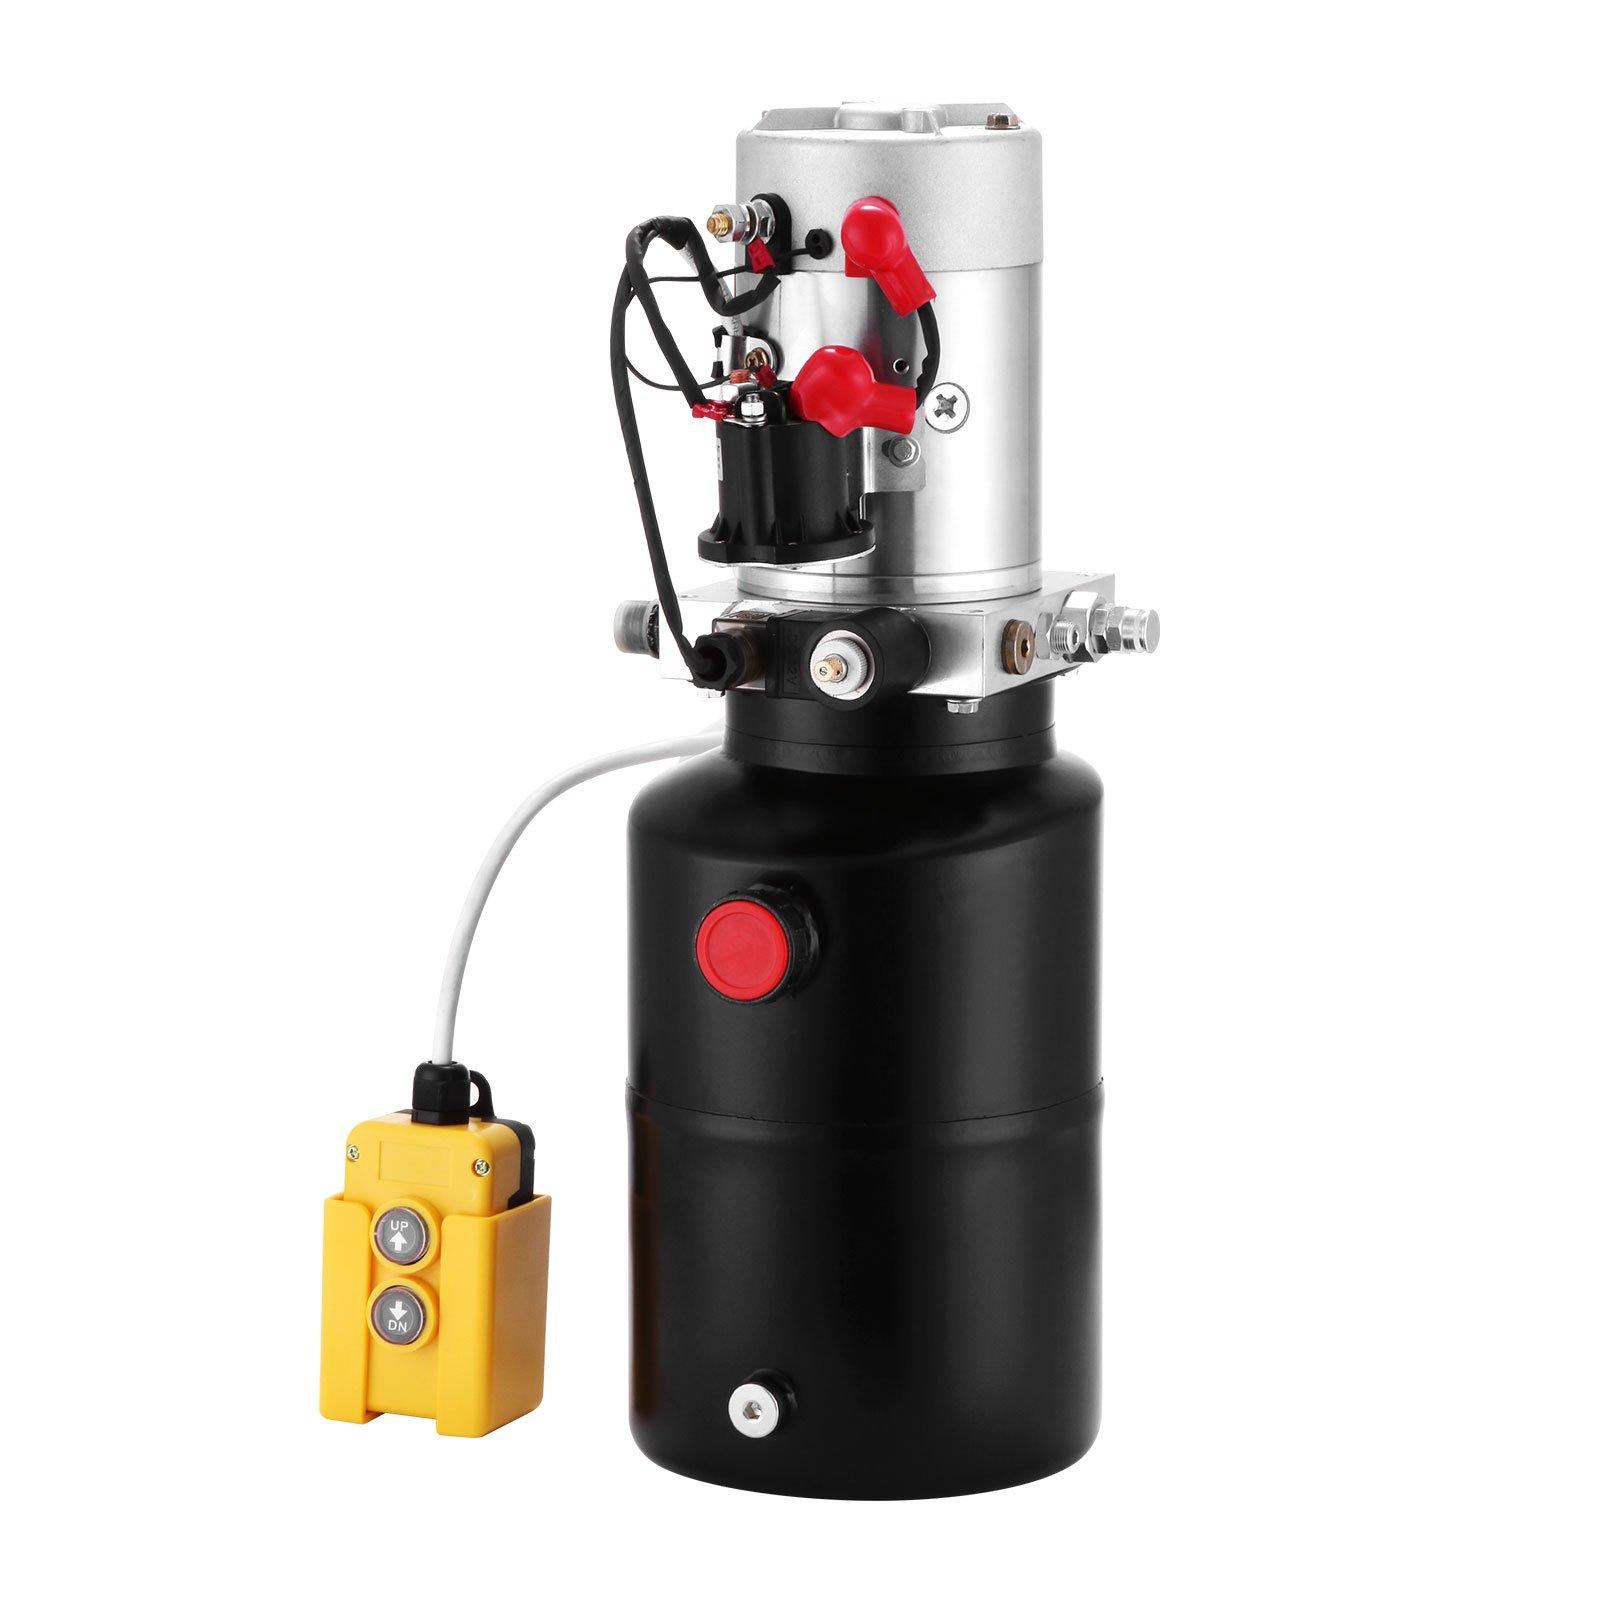 Mophorn Hydraulic Power Unit 12V DC Single Acting Hydraulic Pump 6 Quart Steel Reservoir Hydraulic Pump Unit for Dump Trailers Remotely Controlled Car Lift Pump (6 Quart Single Acting Steel)